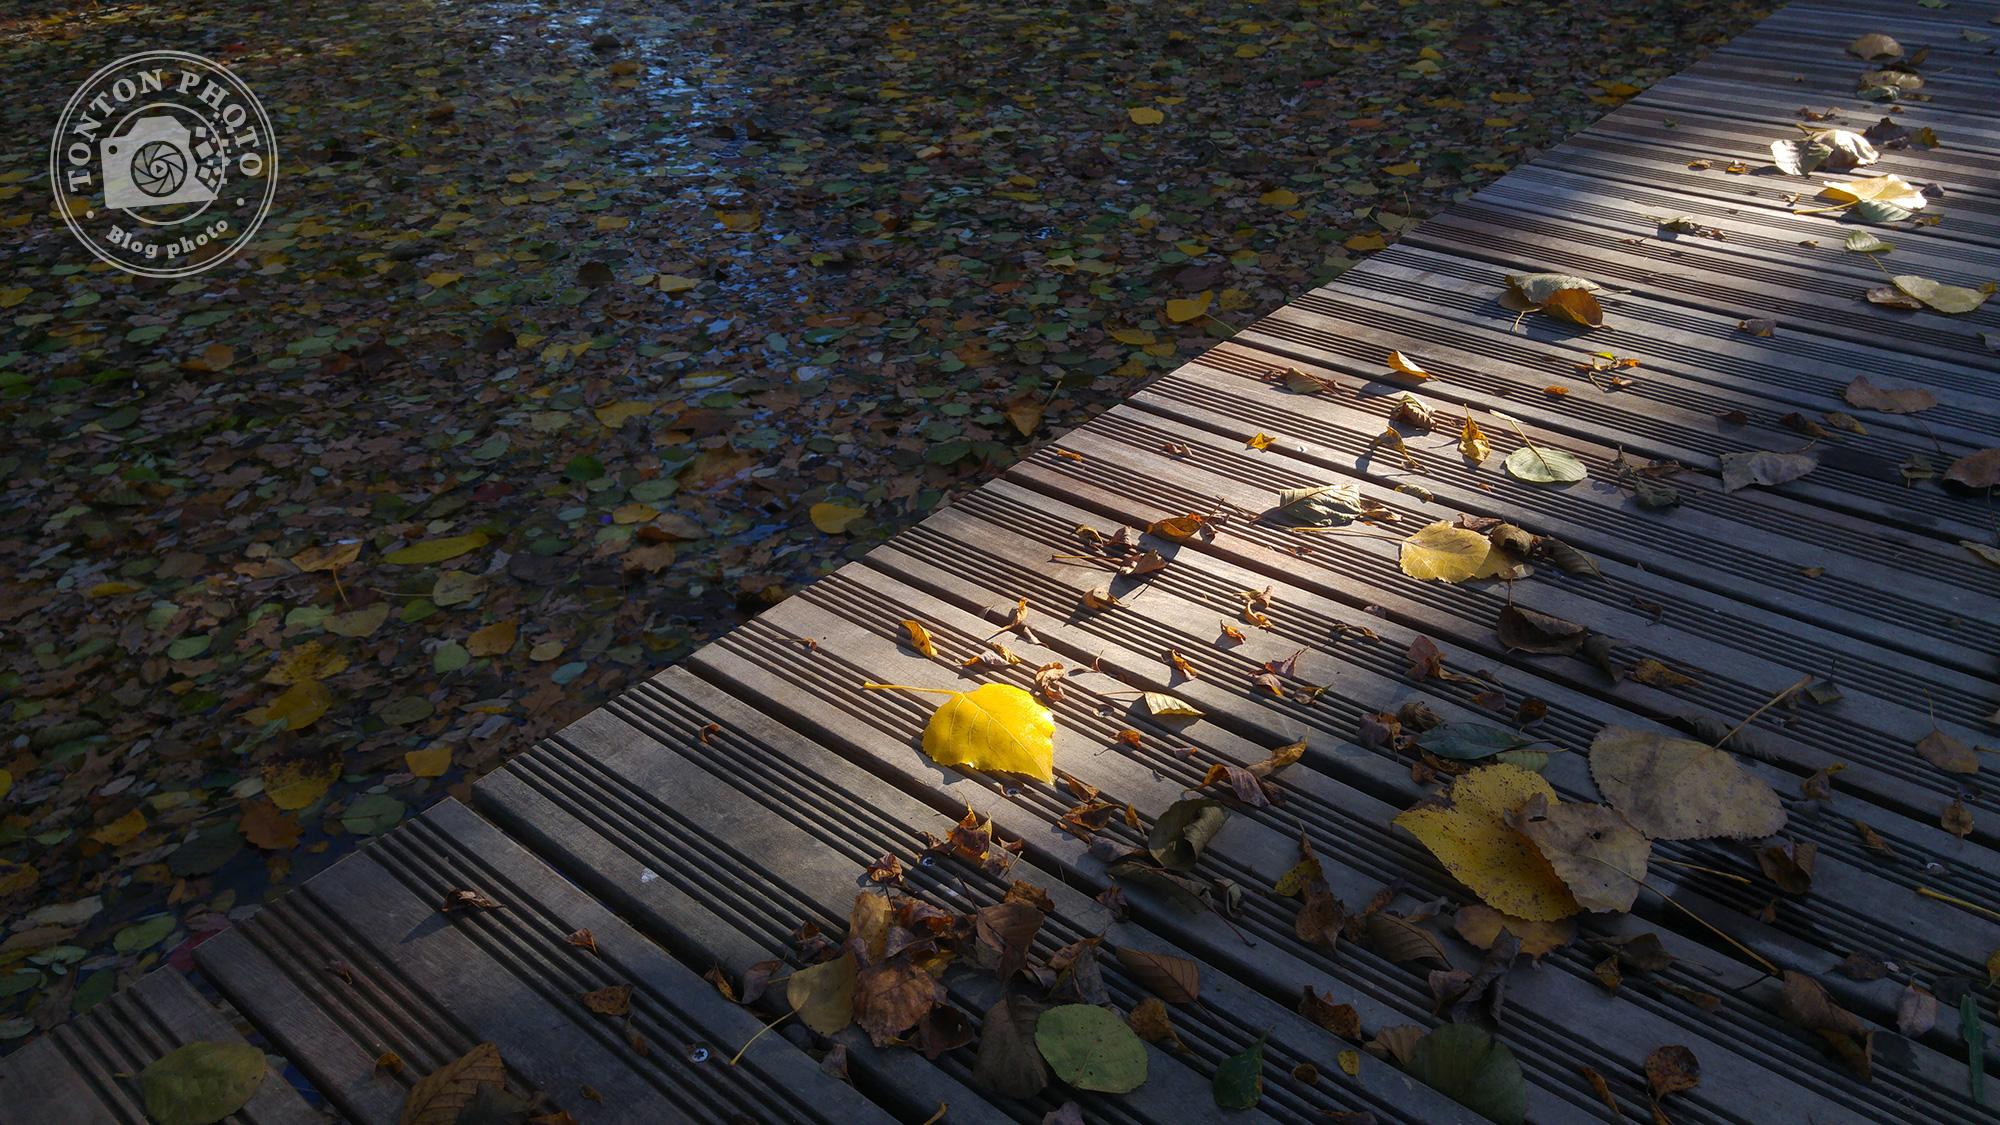 Test du photophone LG G4 : Ponton sur une petite rivière près de Rennes (Bretagne, France). F/1.8 - 1/250 - ISO 50 © Clément Racineux / Tonton Photo